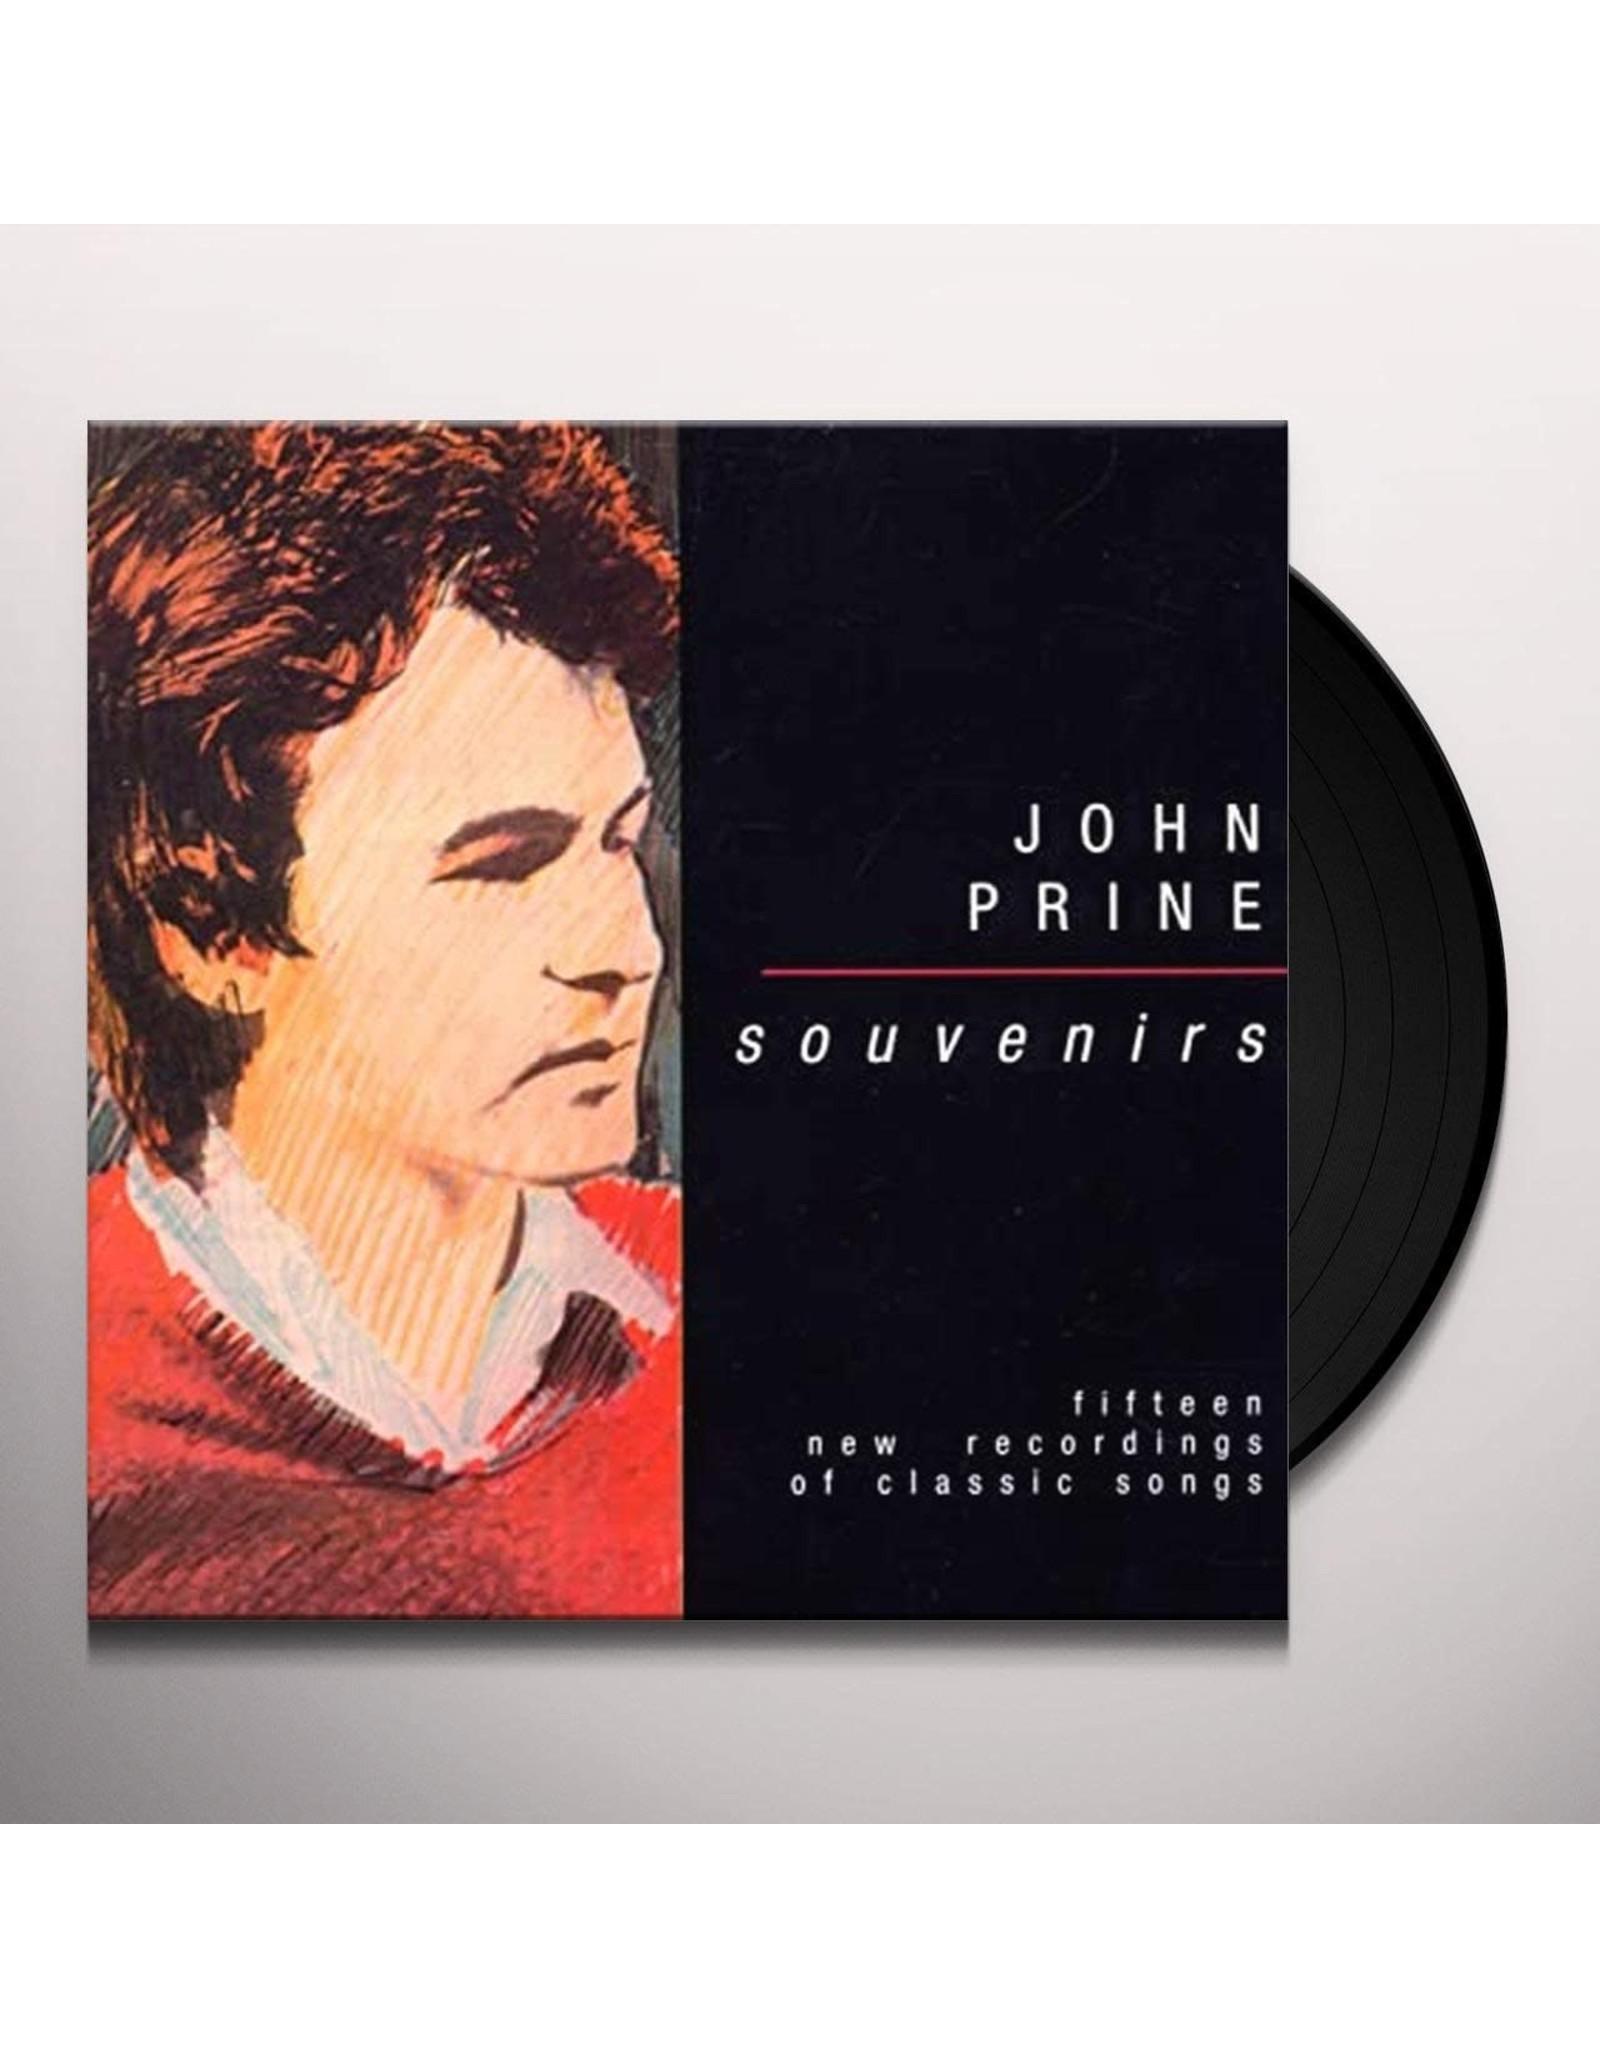 Prine, John - Souvenirs LP